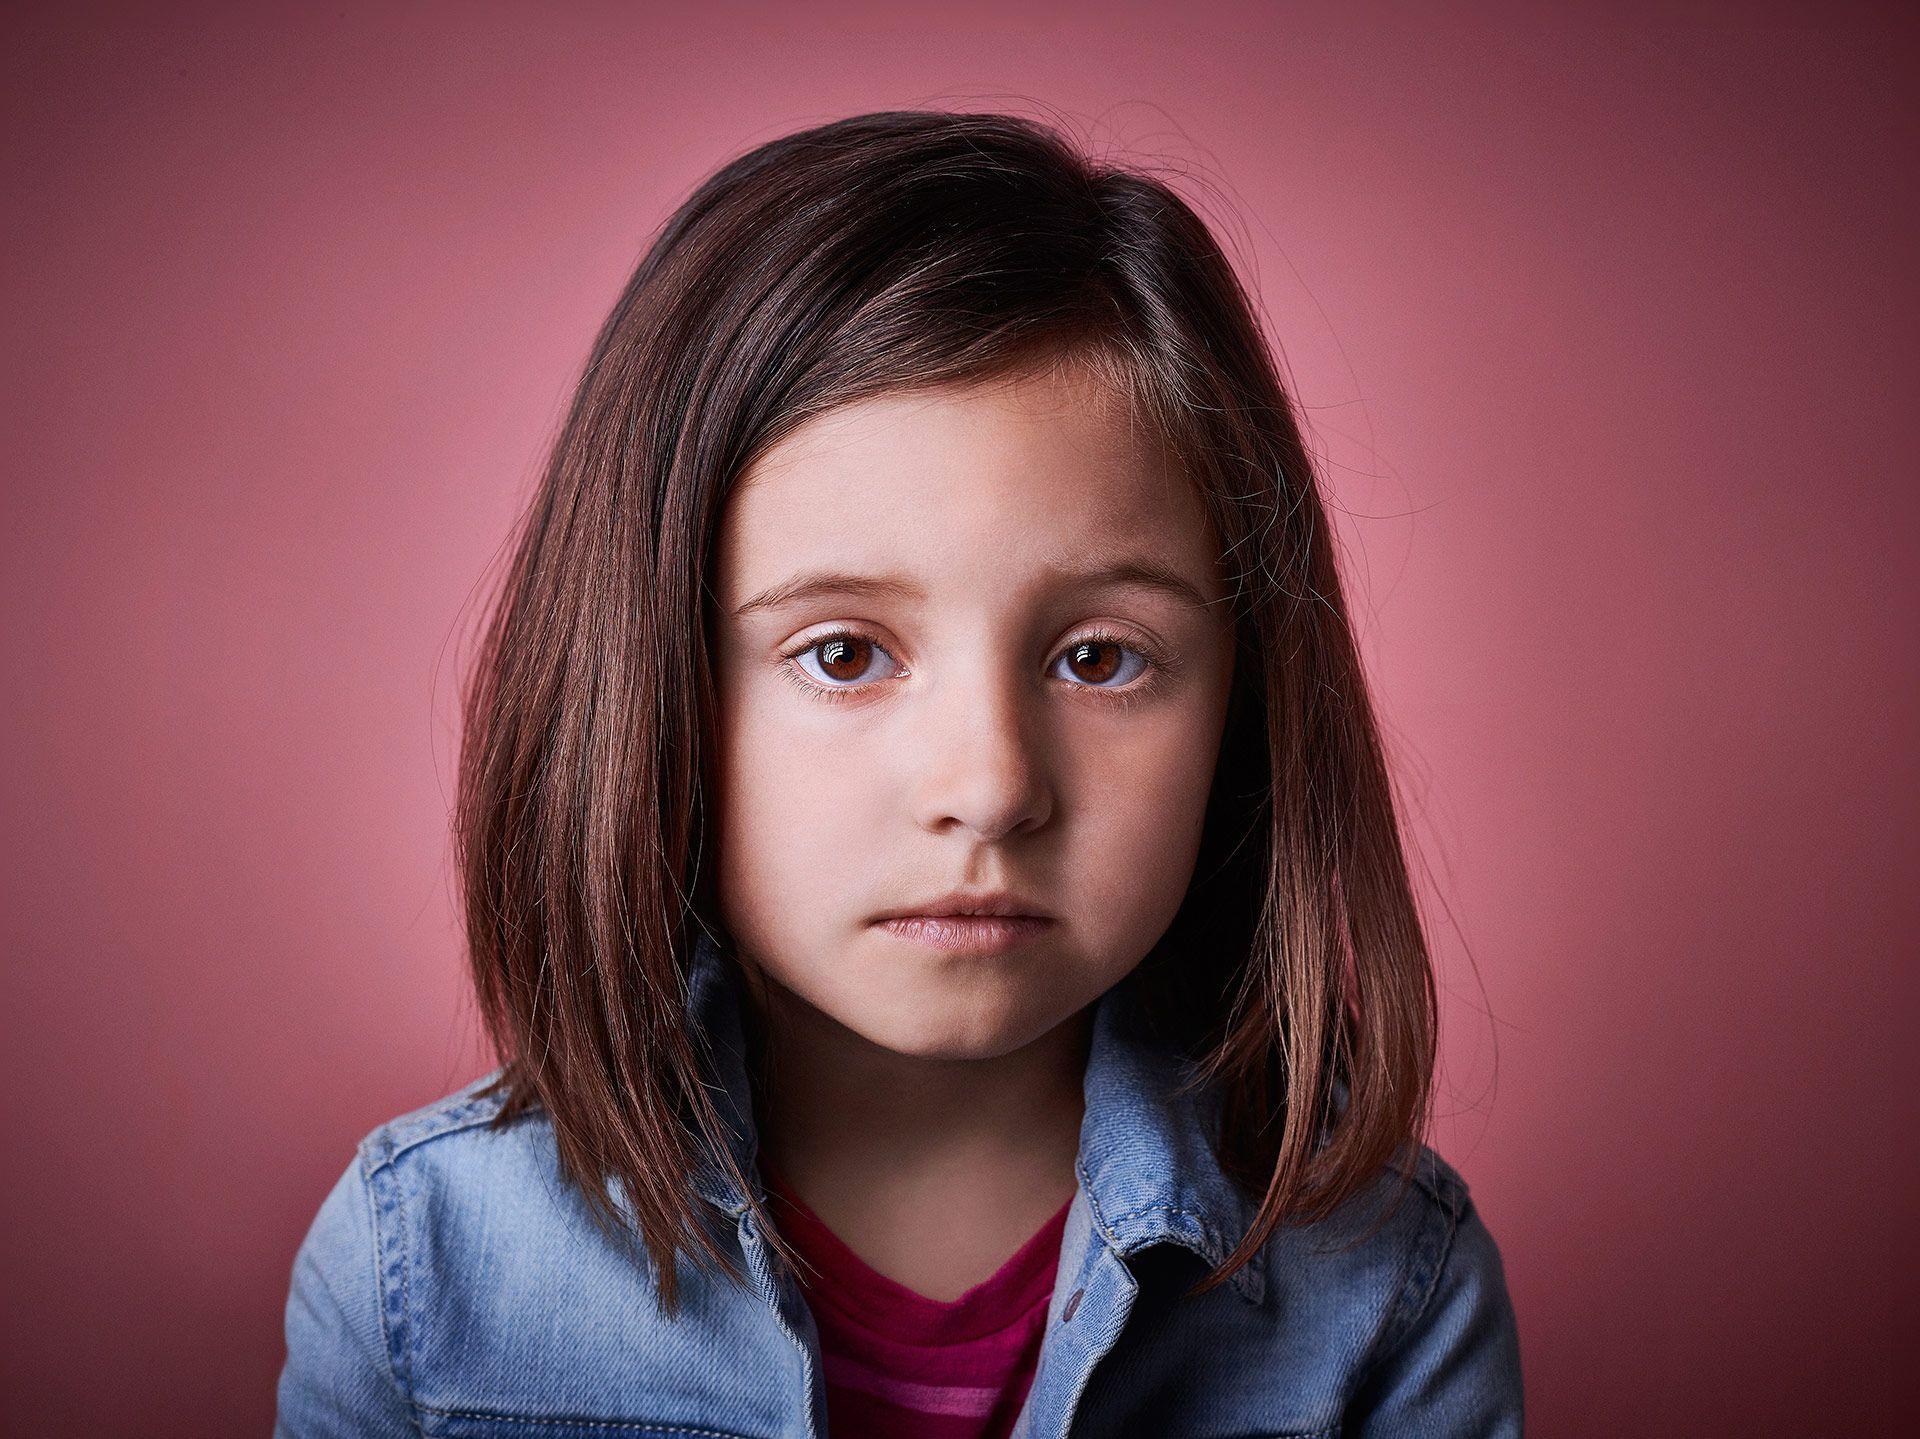 little girl by Jocelyn Michel for Centraide